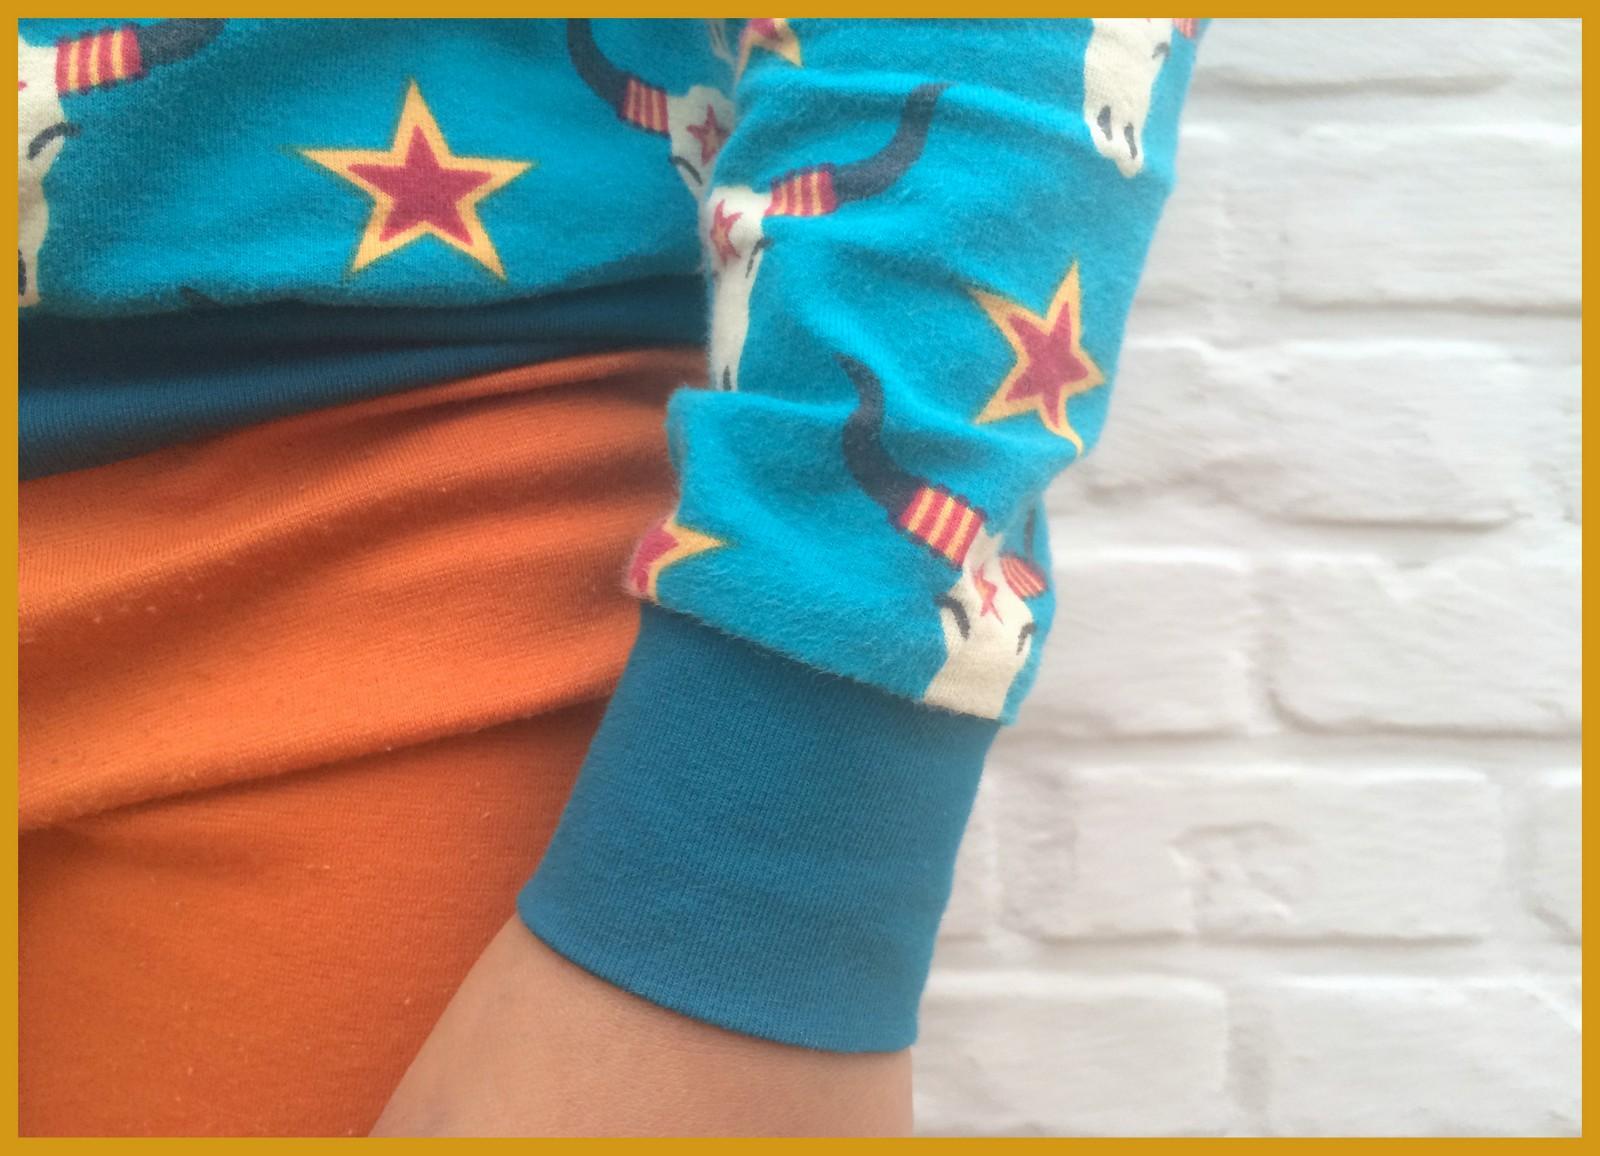 lillestof pyjama (close-up)